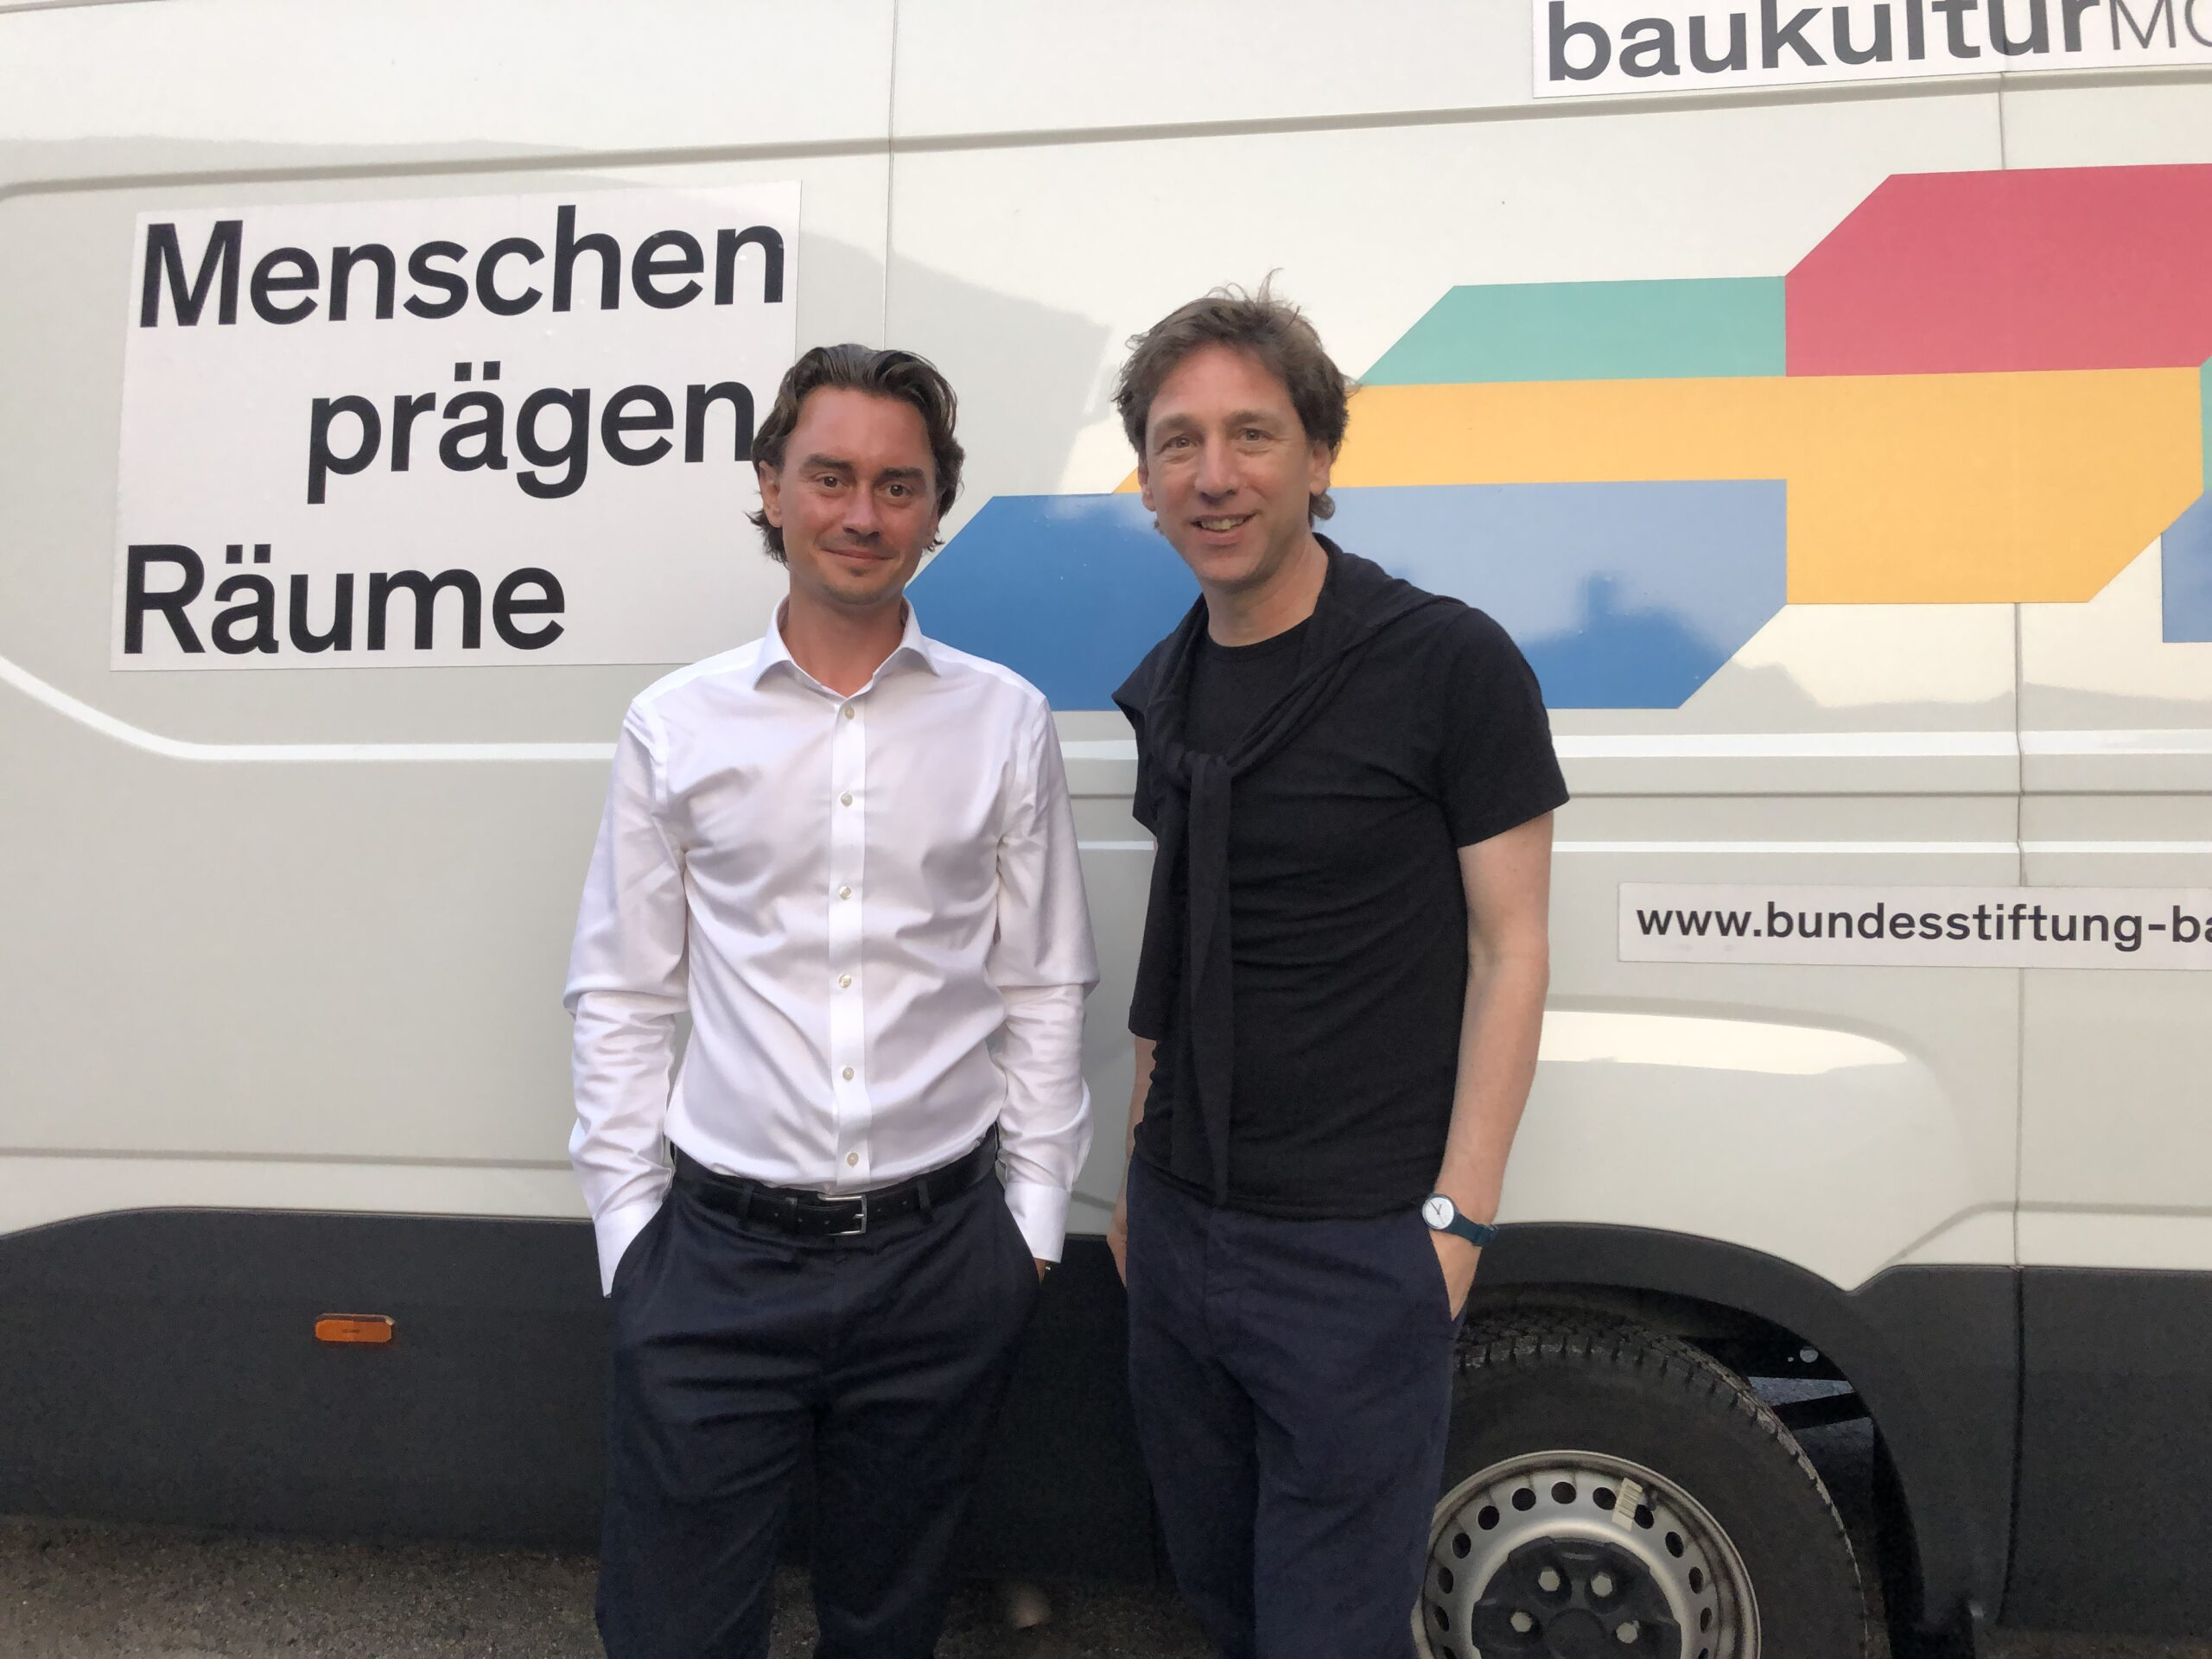 Baukultur-Sommerreise: Station in Münster / Julian Latzko (Bundesstiftung Baukultur) und Stefan Rethfeld (Münster Modell)